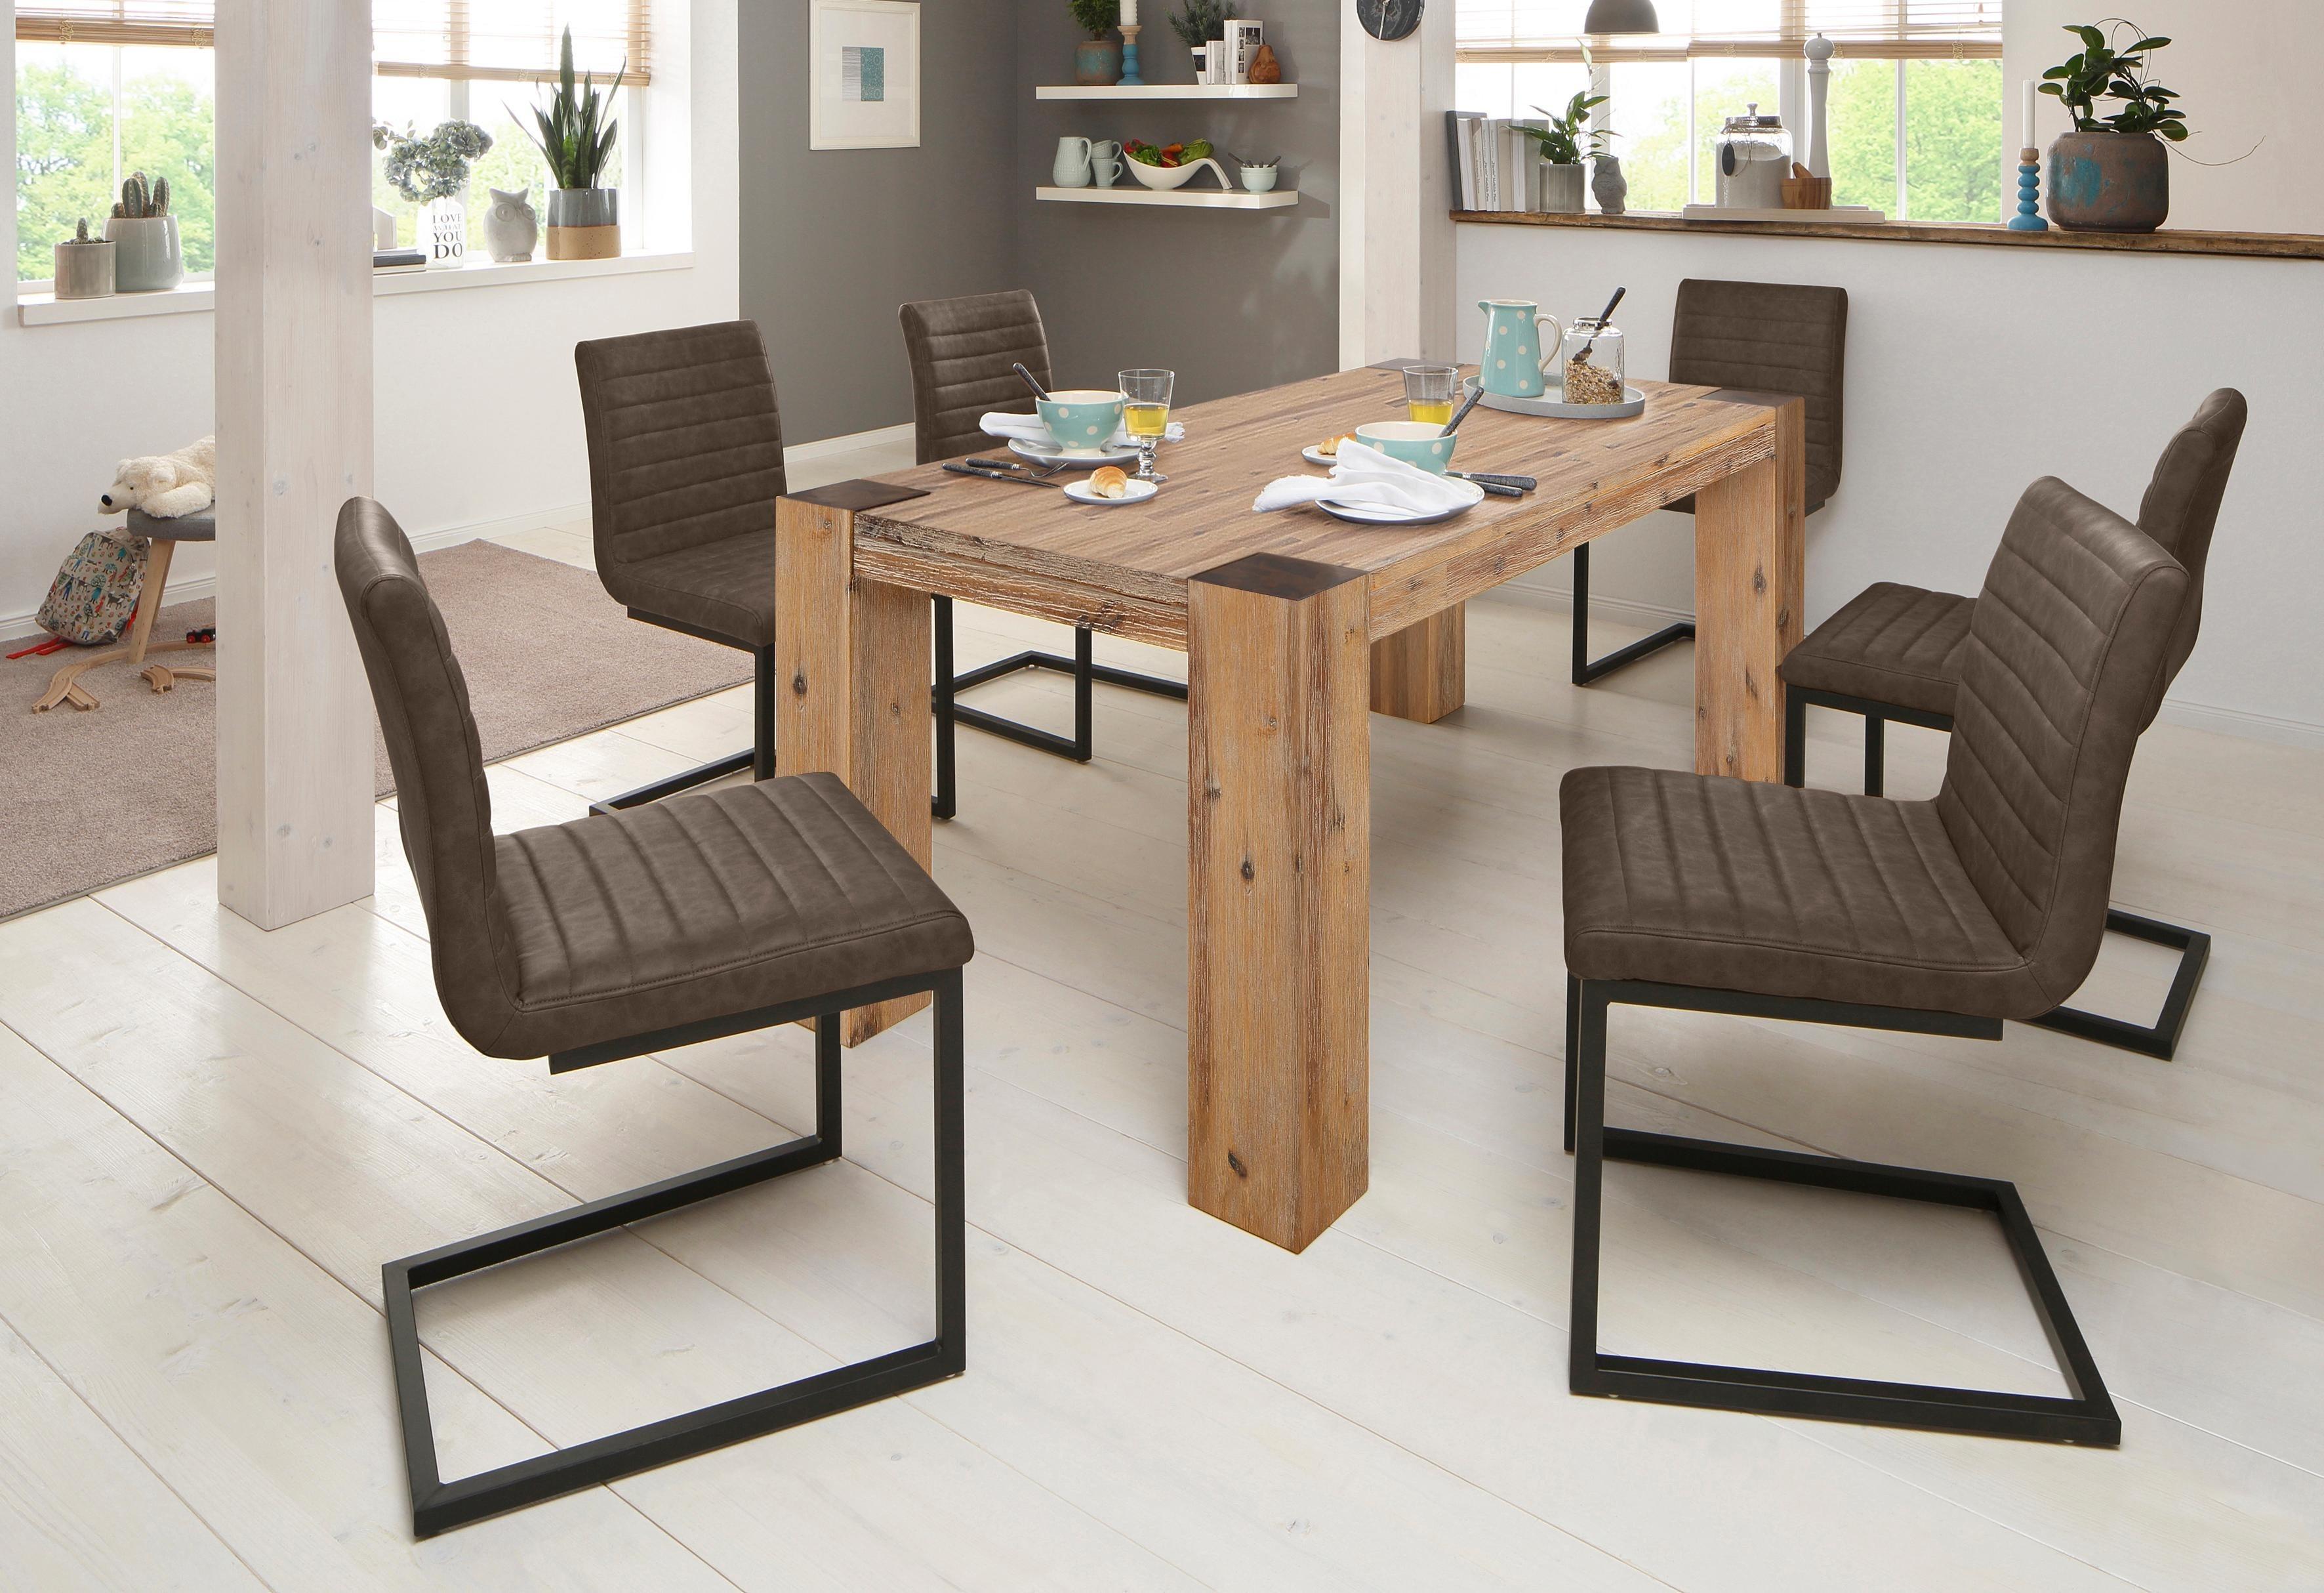 Esstisch sthle mit armlehne schwarz top ergebnis elegant stuhl armlehne schwarz foto ldkt with - Esstisch mit stuhlen billig ...